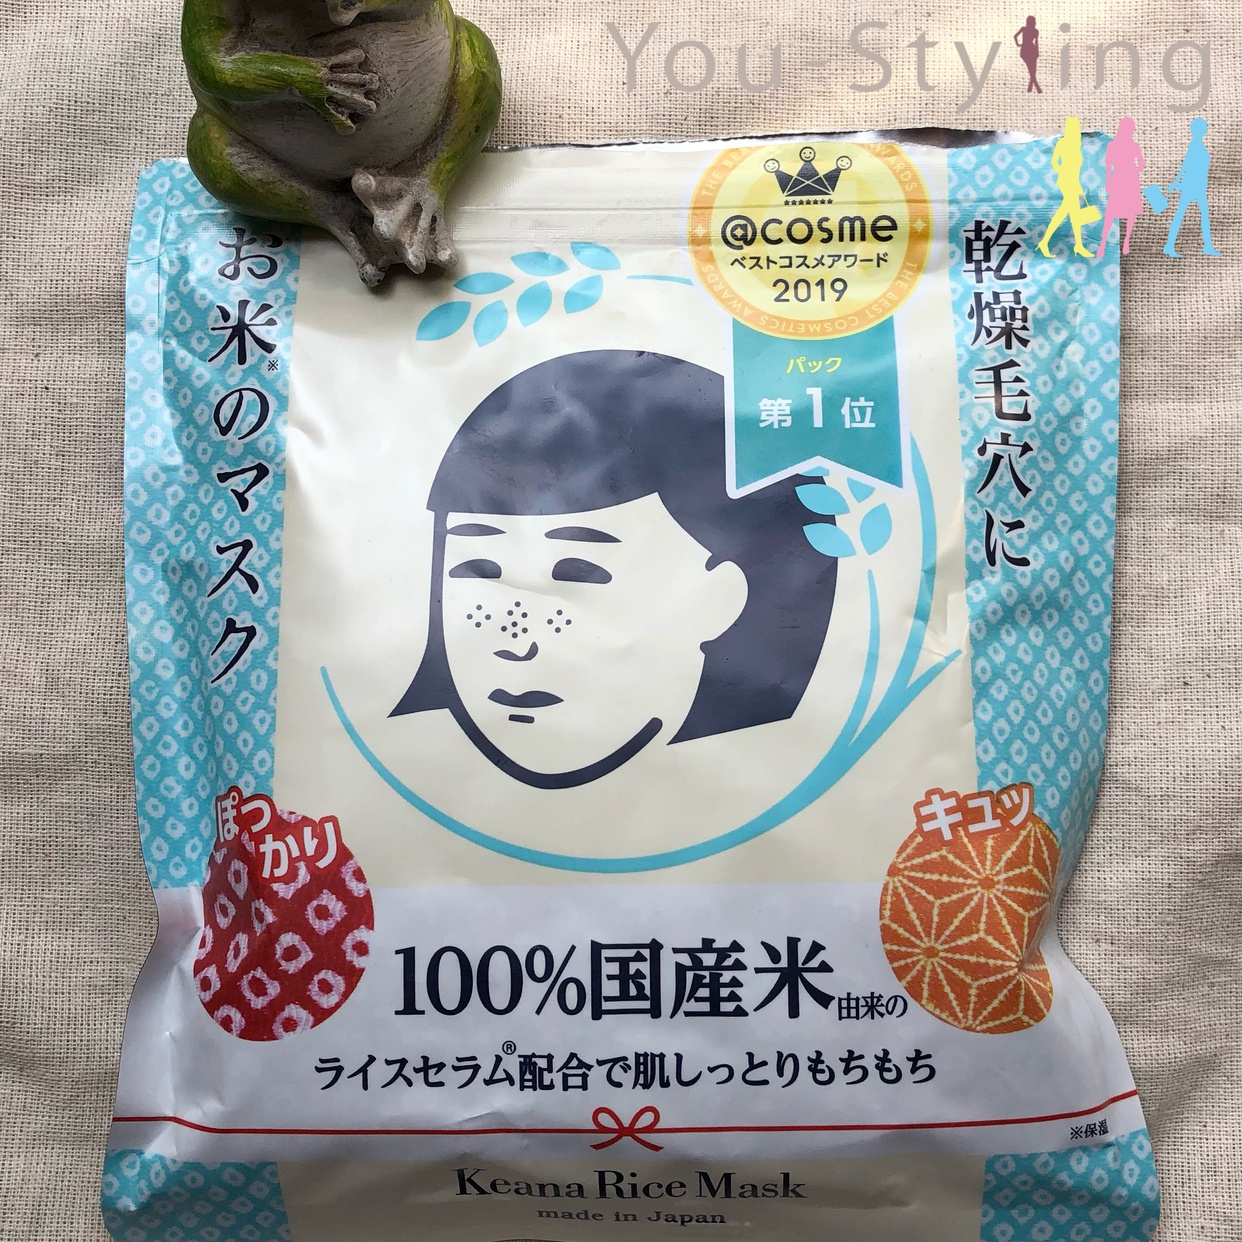 毛穴撫子(ケアナナデシコ) お米のマスク <シートマスク>を使った國唯ひろみさんのクチコミ画像1